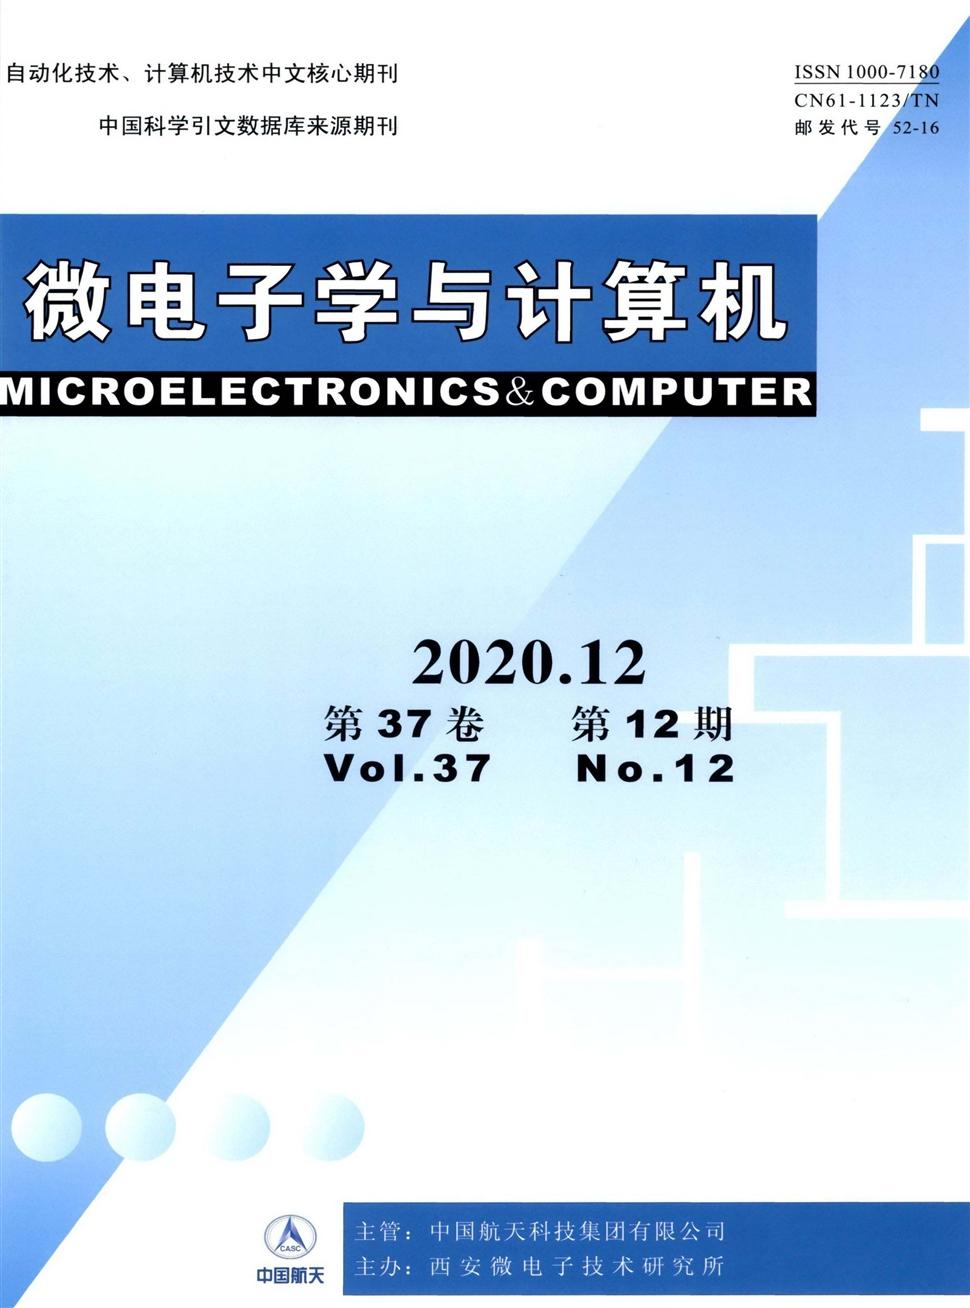 《微电子学与计算机》